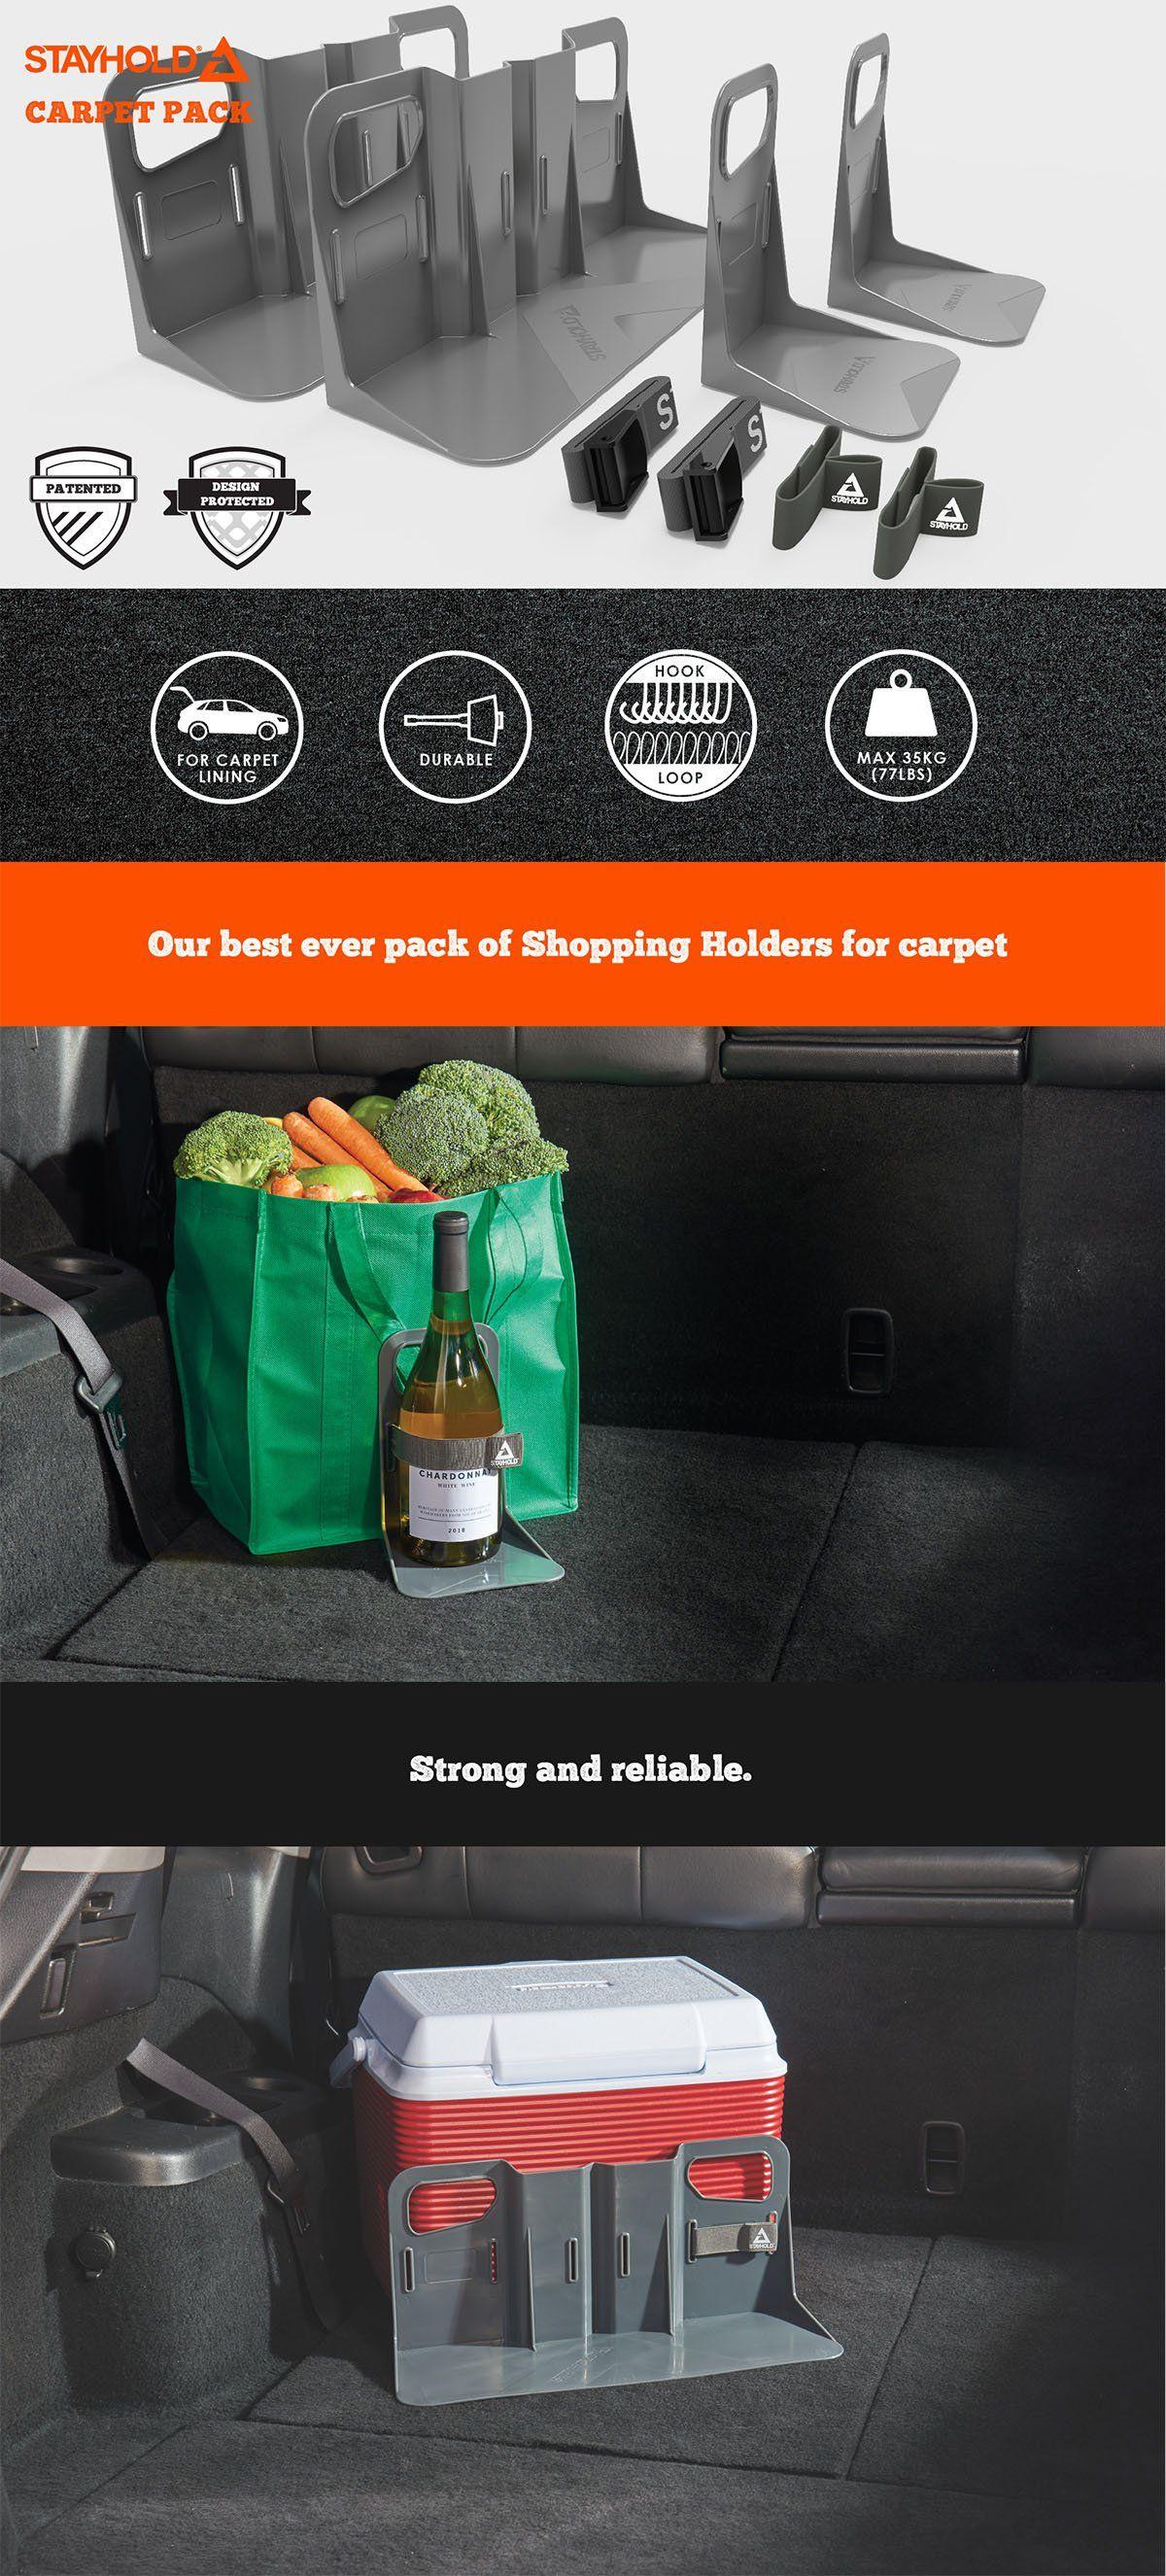 for Carpet Metro Shopping Holder Pack